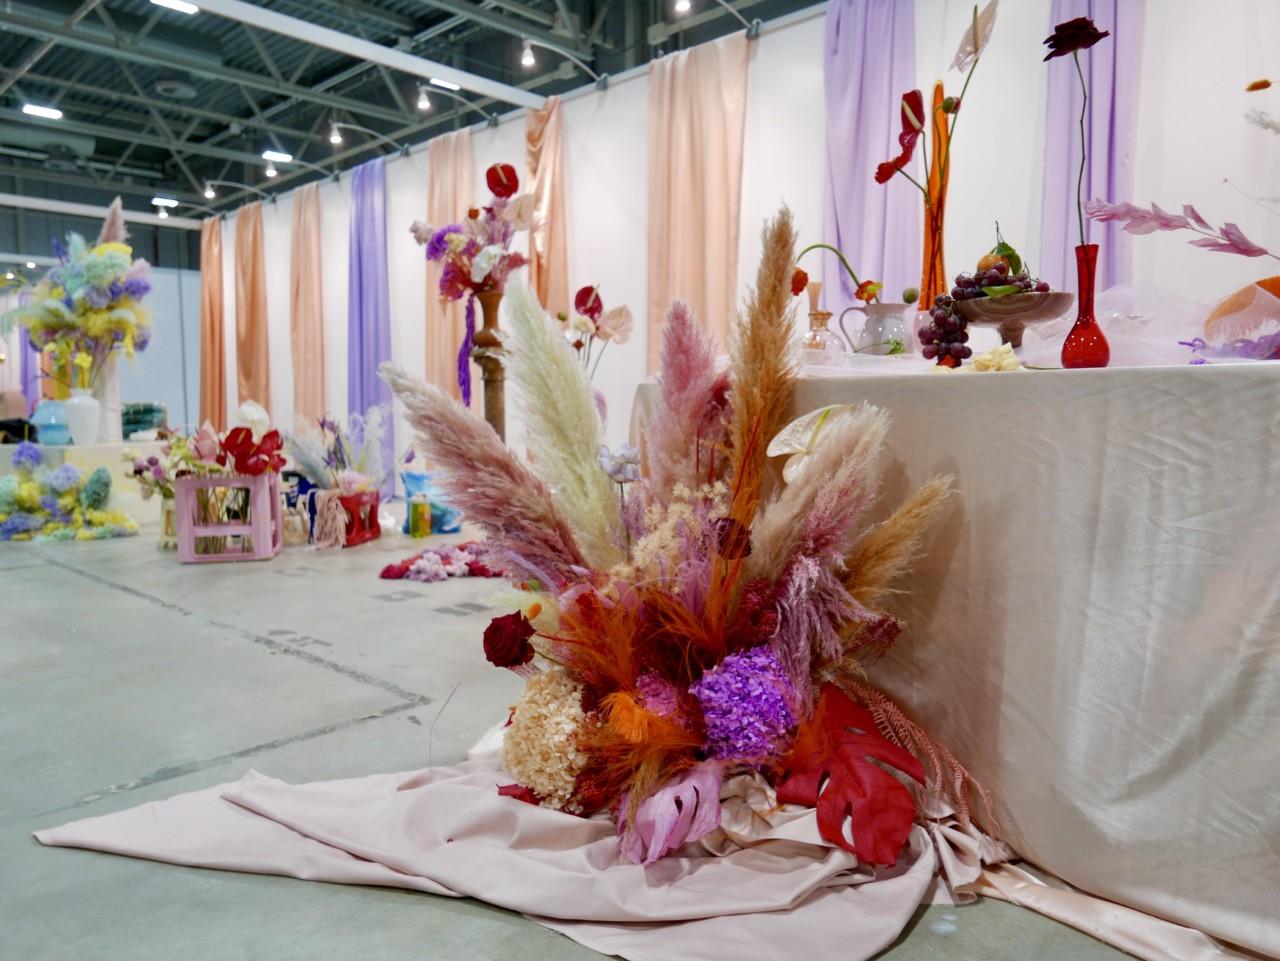 torka-blomster-oppsatser-dekorasjon-leie-carousel-oslo-design-fair